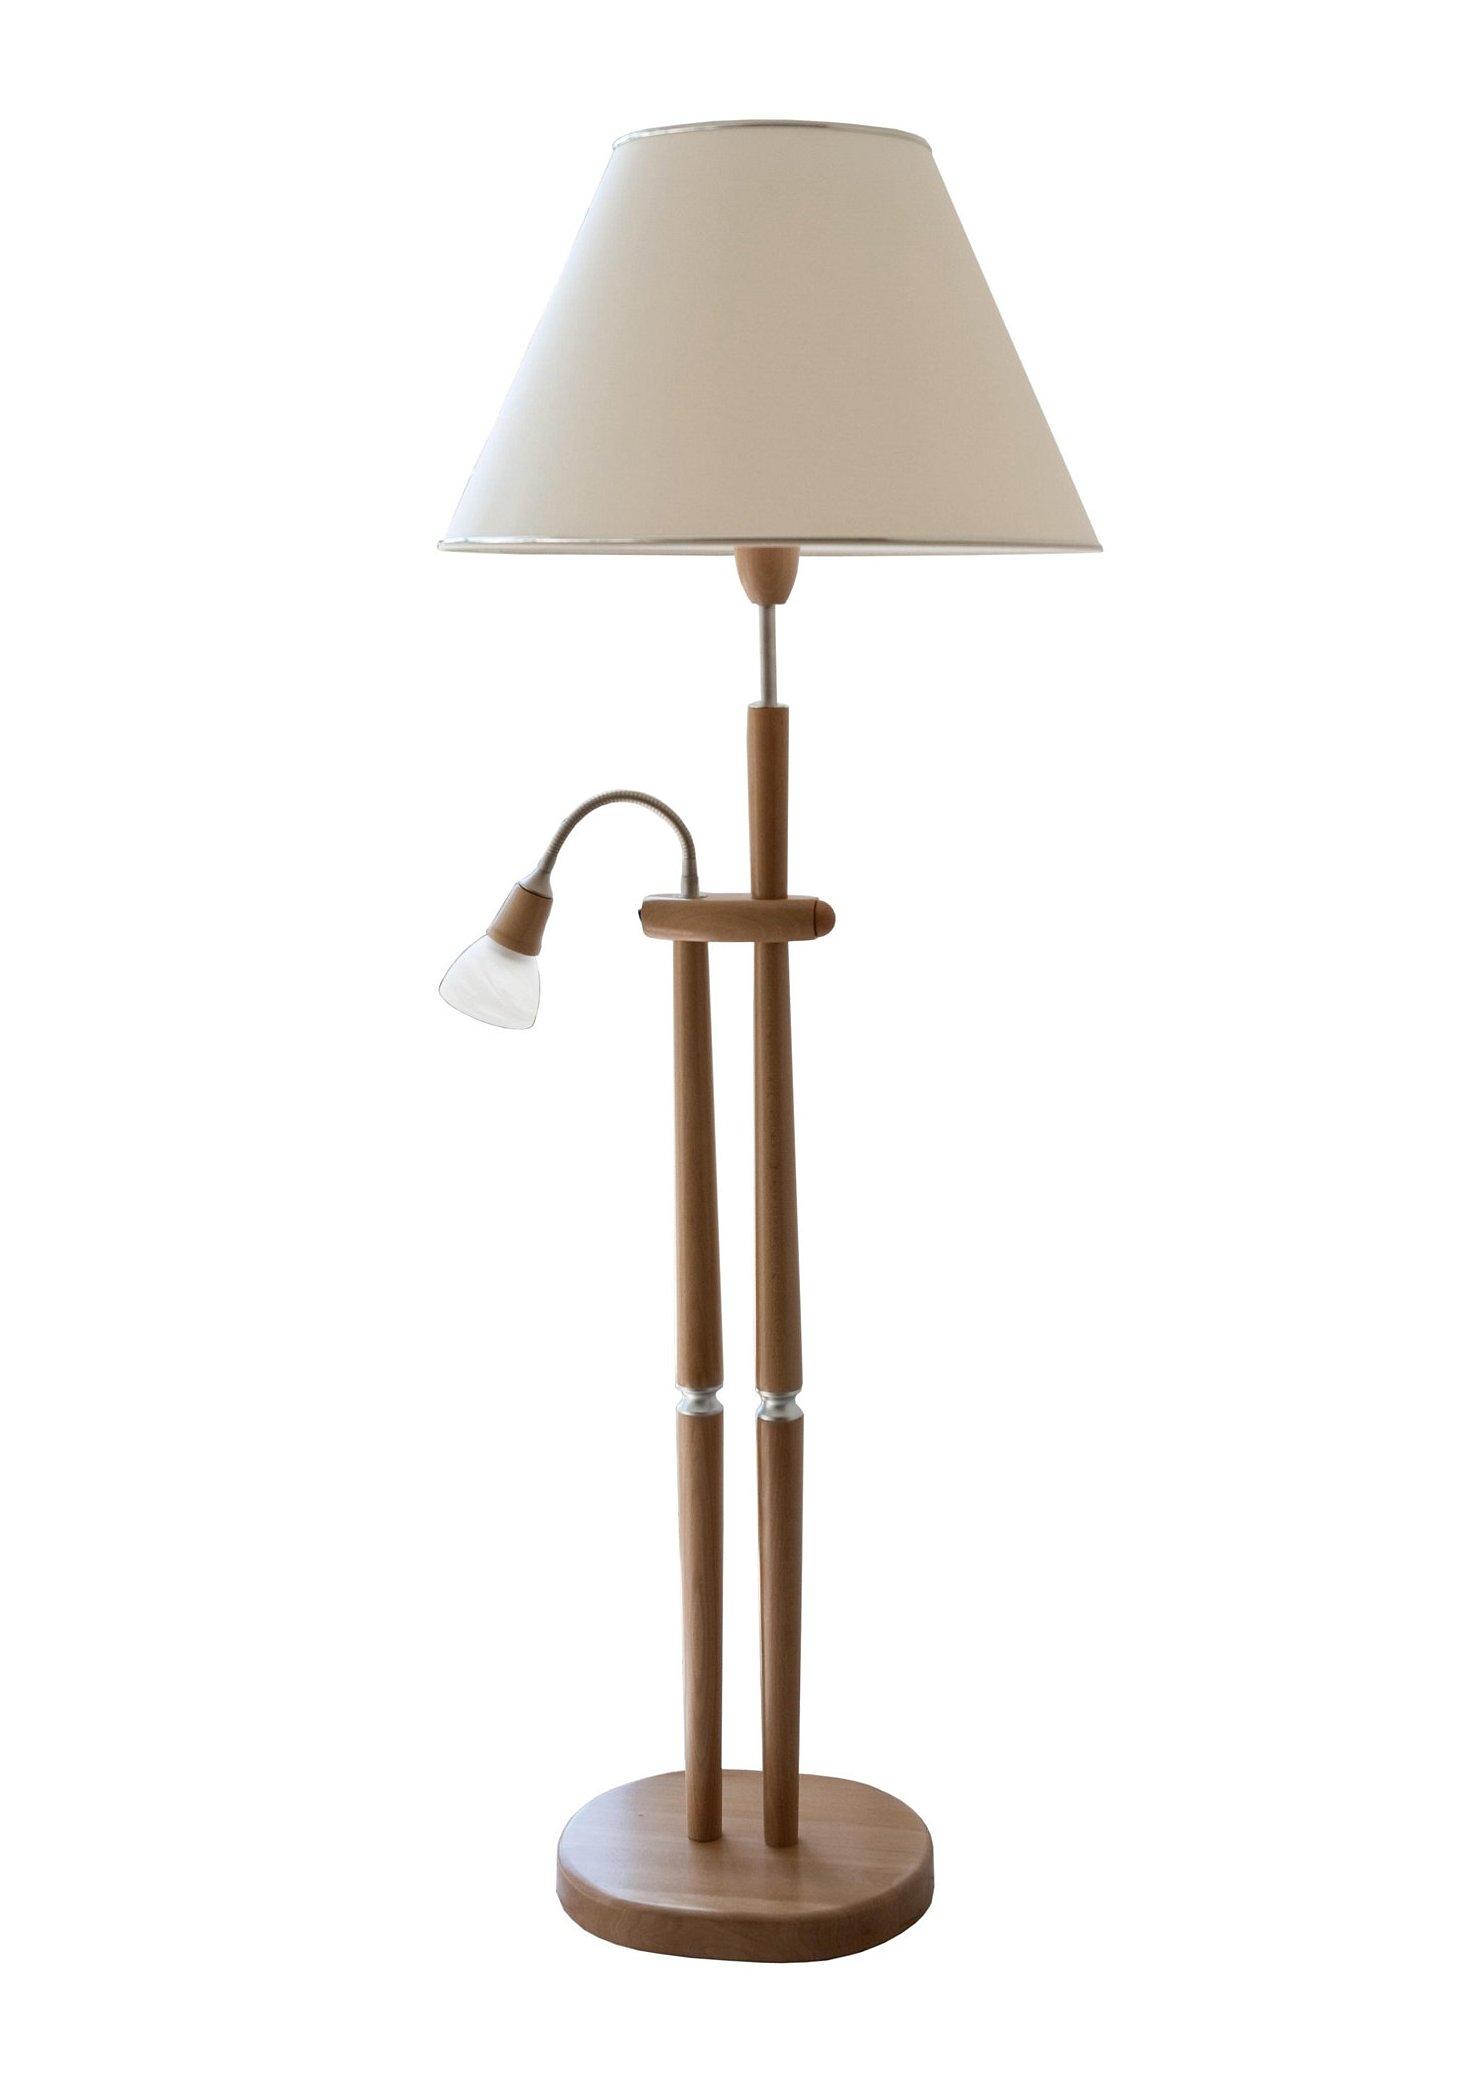 vloerlampen kopen prachtige vloerlampen voor elke. Black Bedroom Furniture Sets. Home Design Ideas